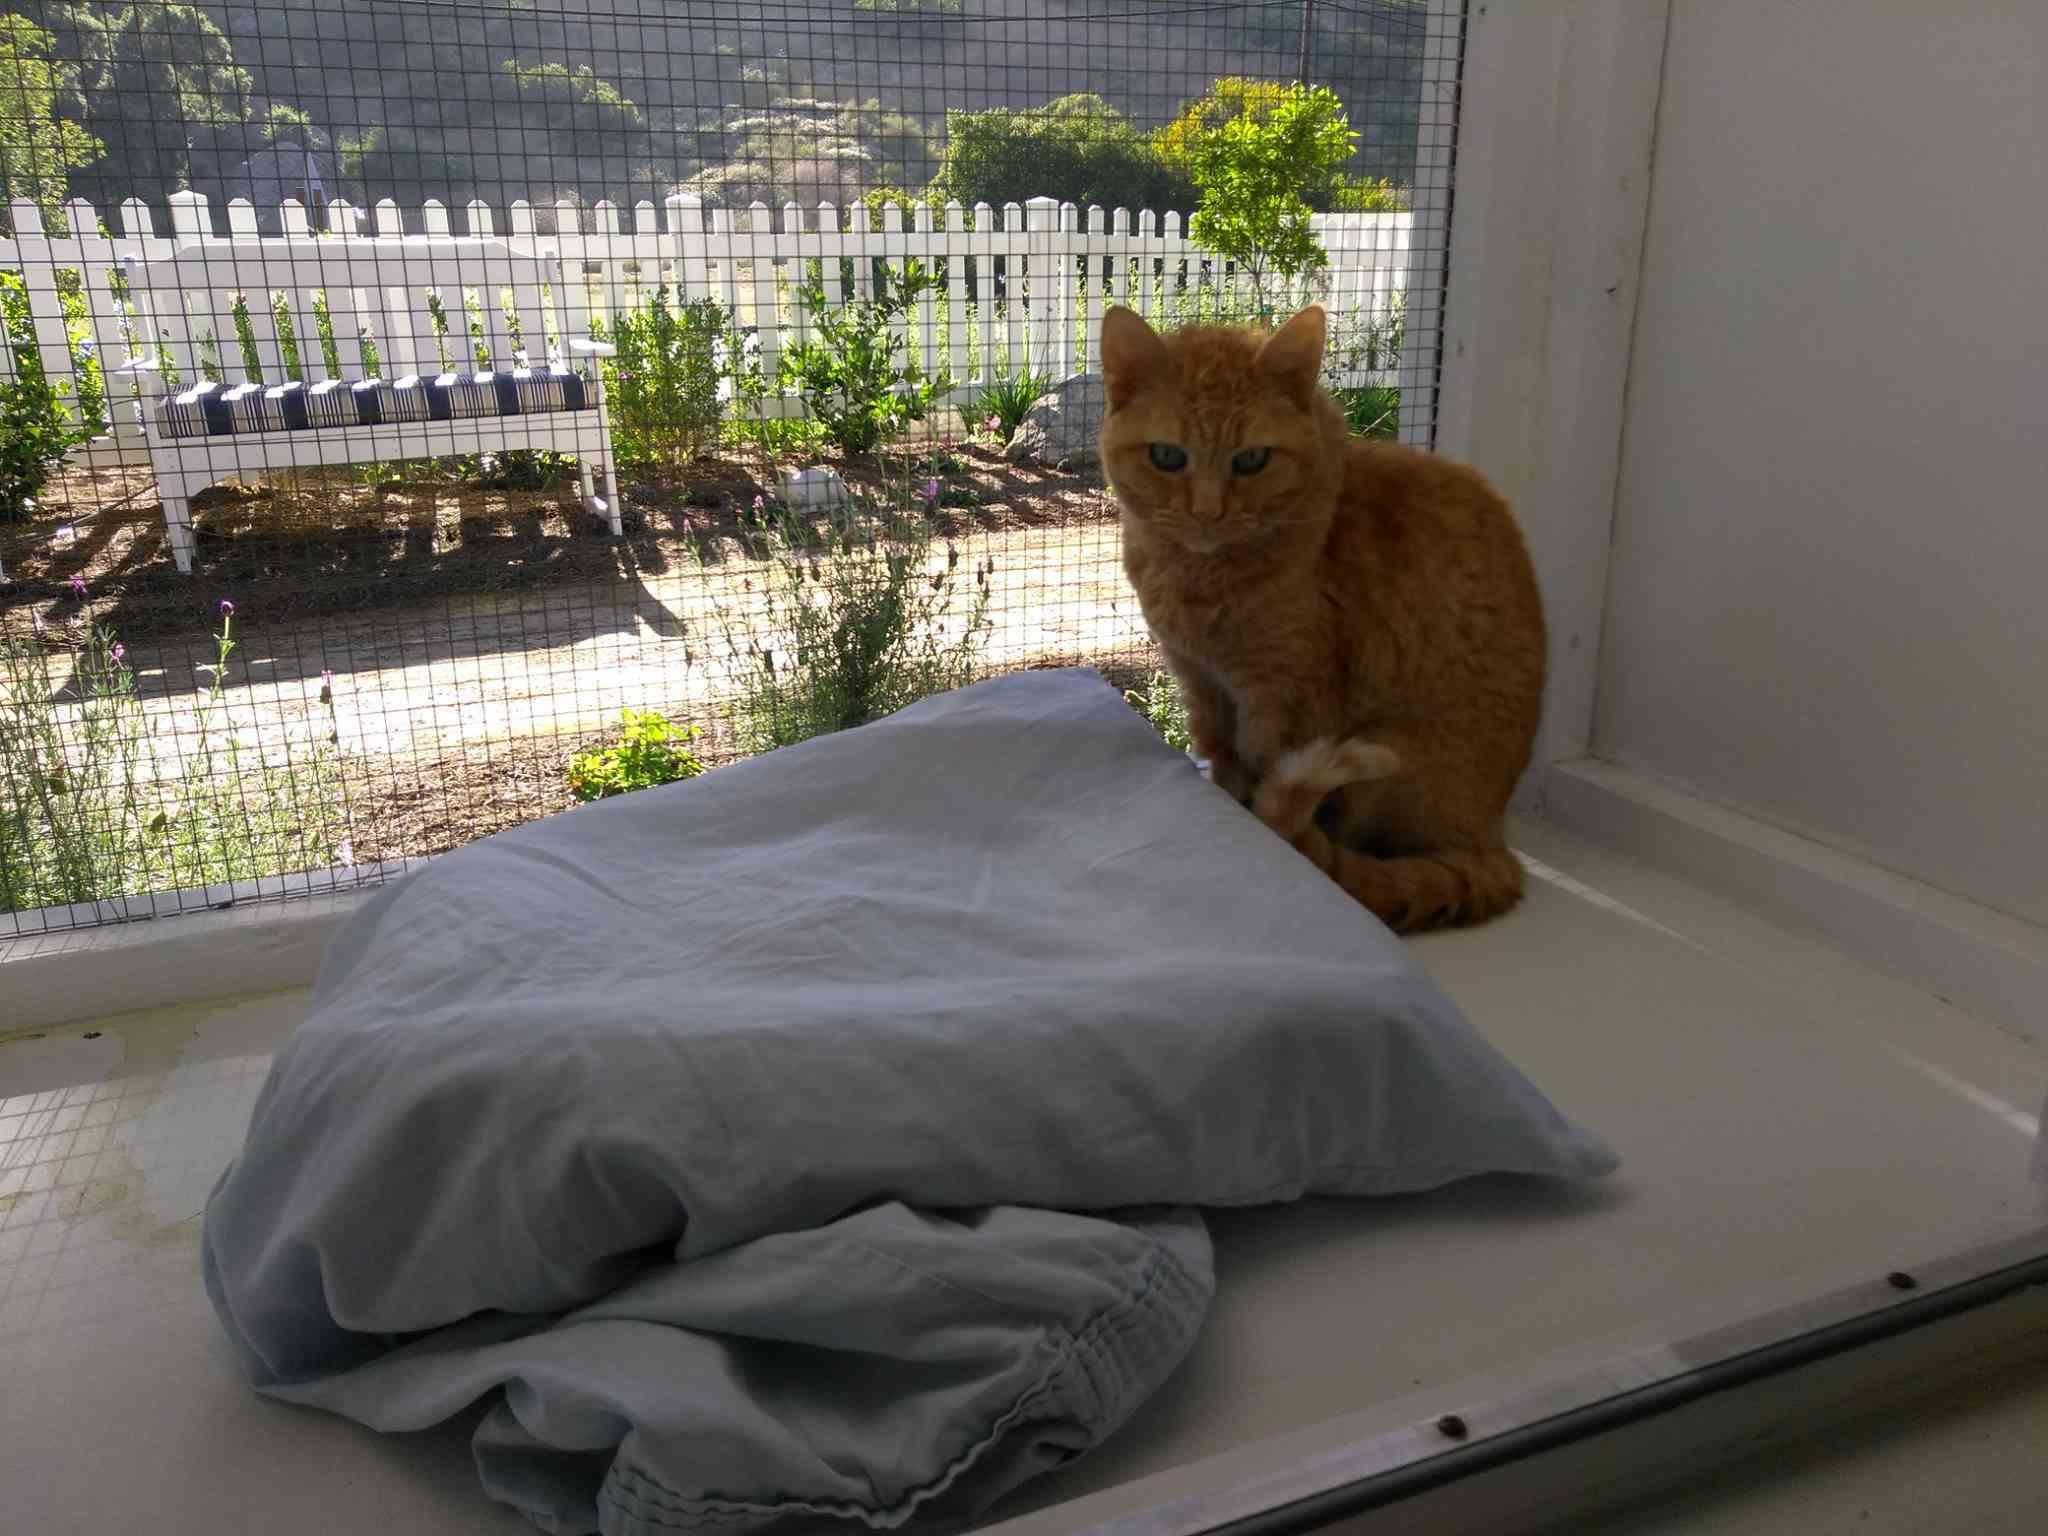 cat in enclosed patio